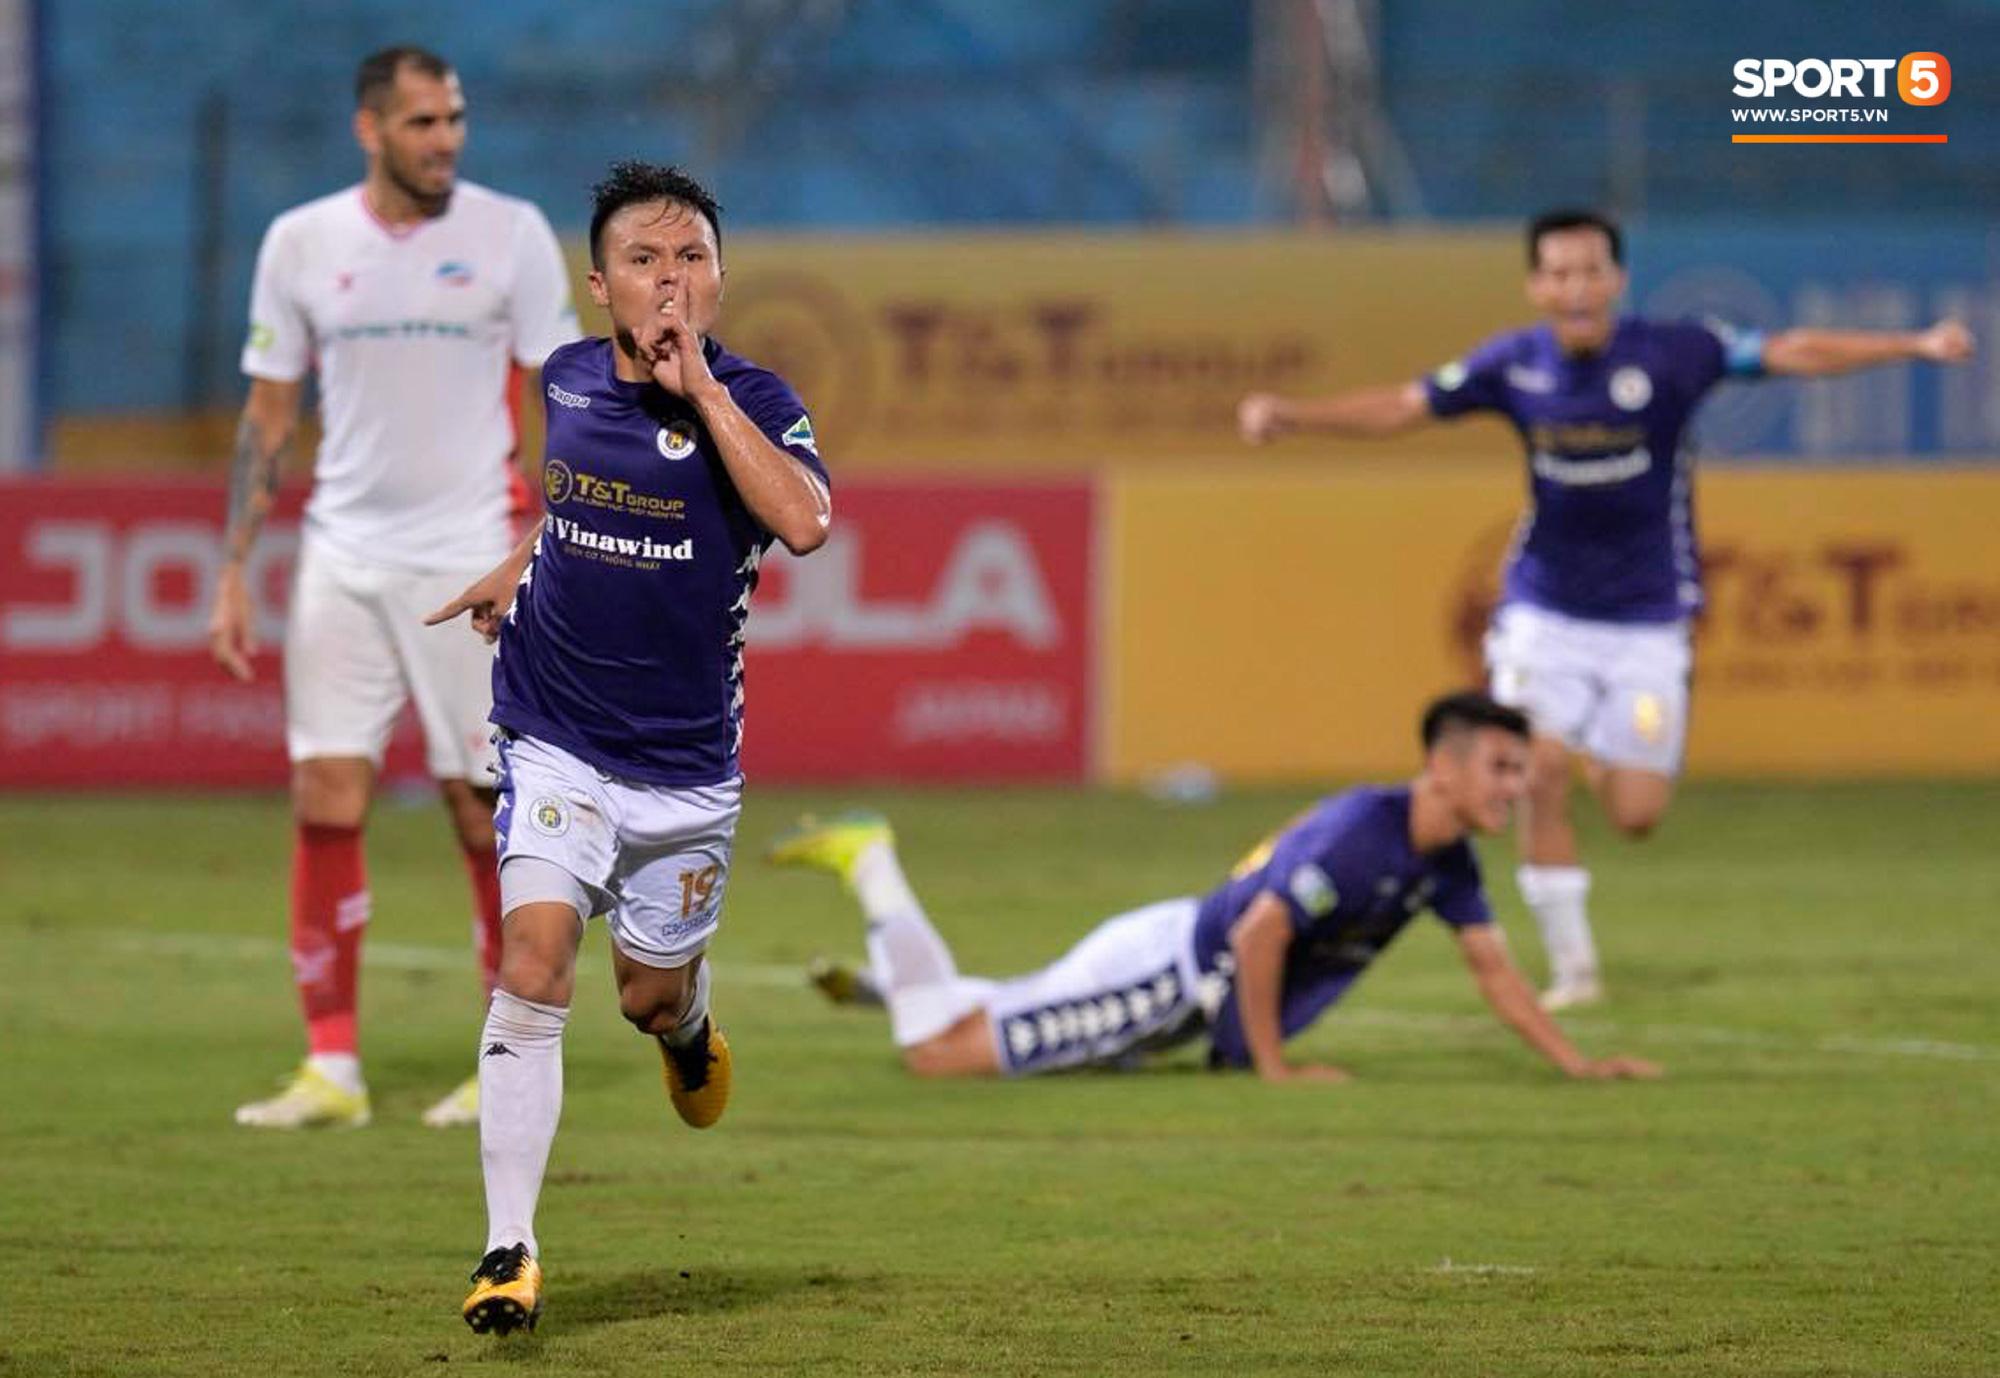 Không cản được Quang Hải, Tiến Dũng và Quế Ngọc Hải đừng mơ vô địch V.League 2020 - Ảnh 2.